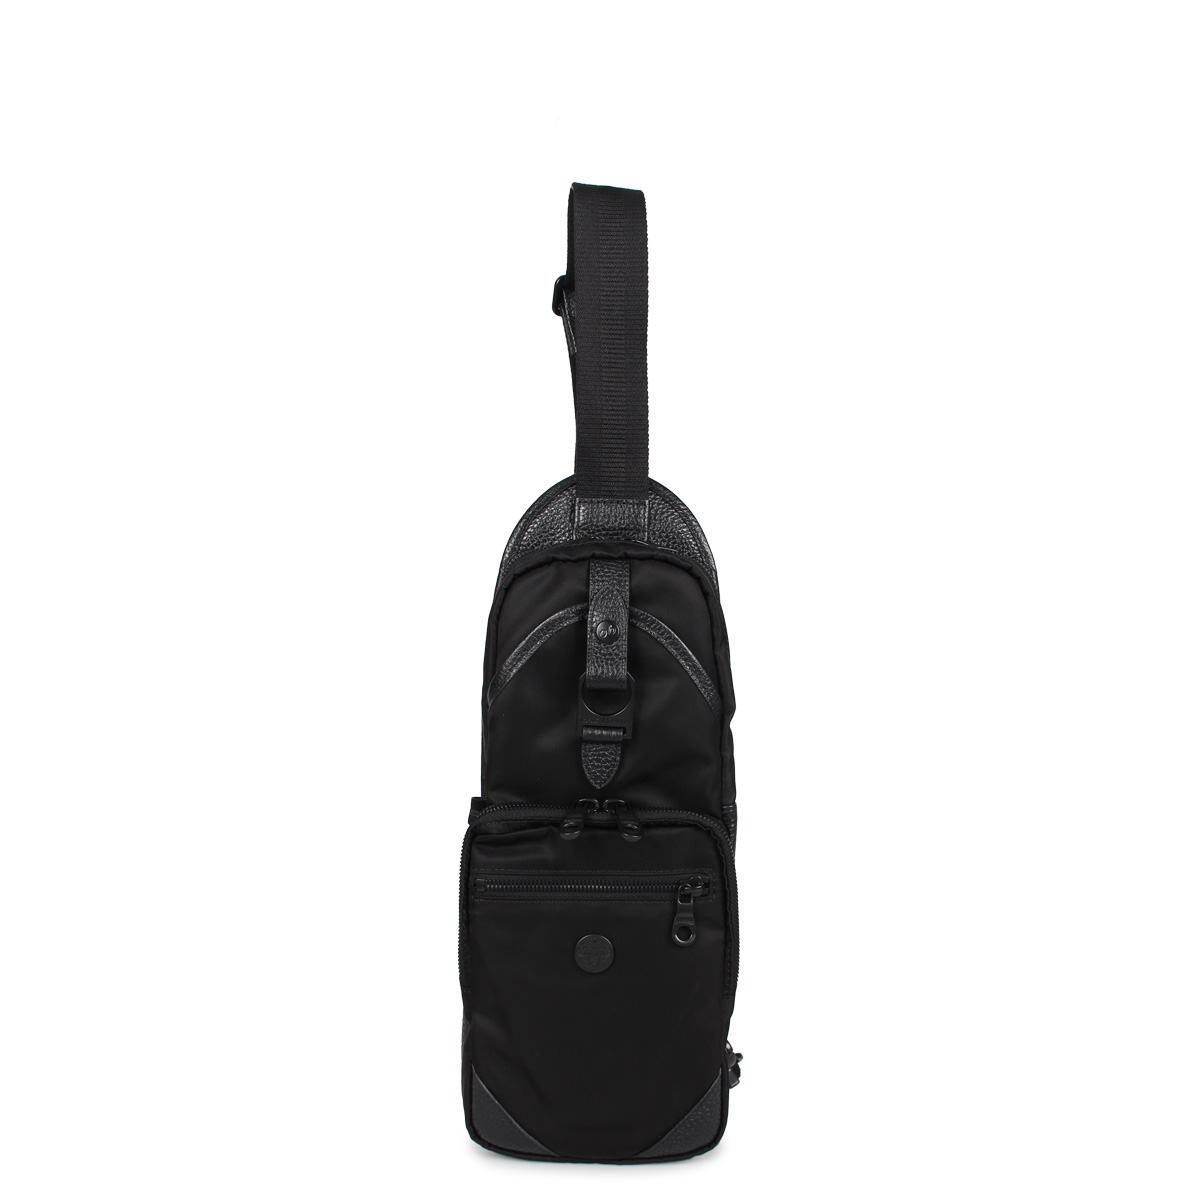 Orobianco ANNIBALE-F01 オロビアンコ バッグ ボディバッグ ショルダーバッグ メンズ ブラック 黒 92134